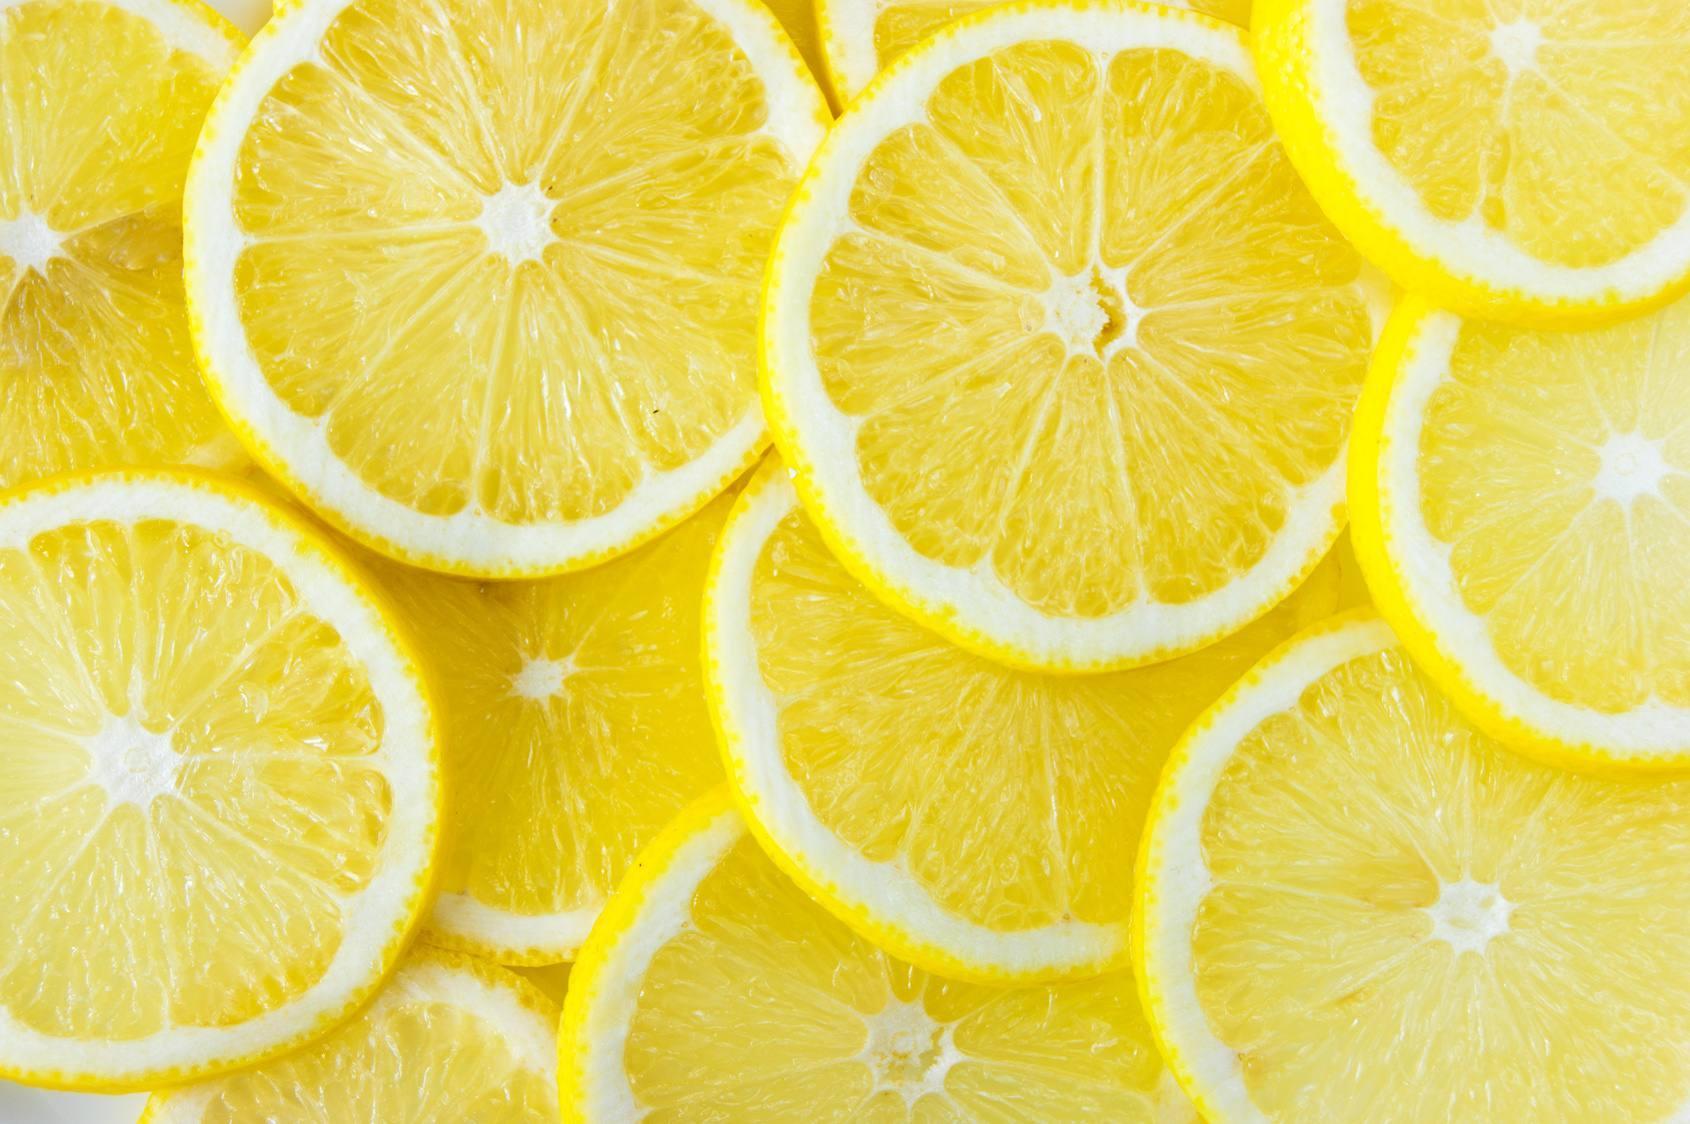 Sabahları Ilık Limonlu Su İçmenin Faydaları Nelerdir